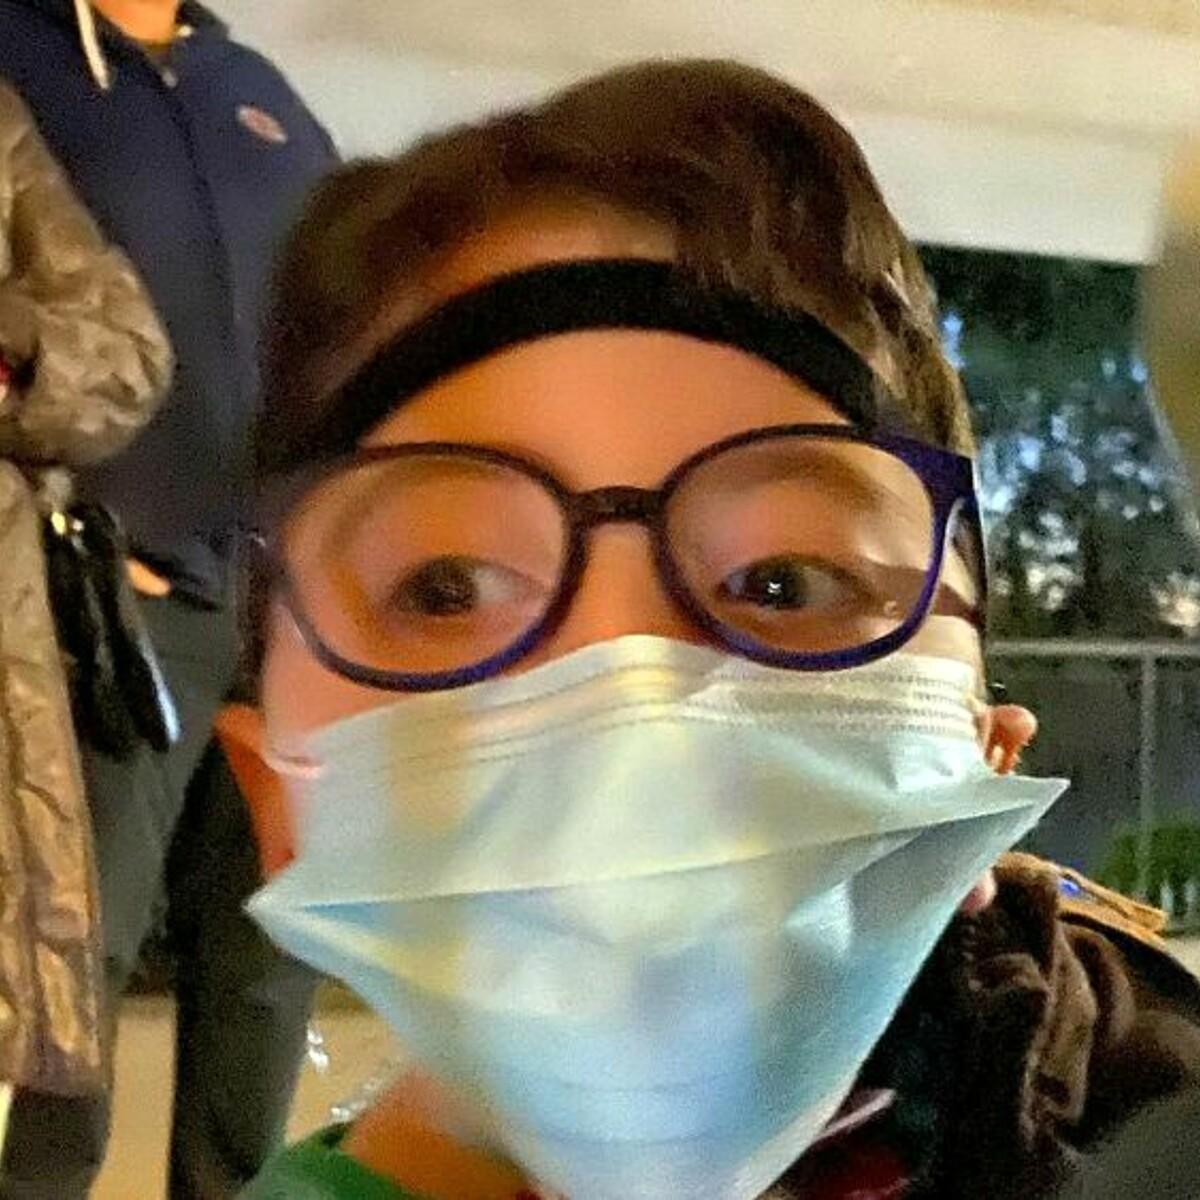 Sirio, il bambino tetraplegico rimasto senza alimenti per l'attacco hacker alla regione Lazio